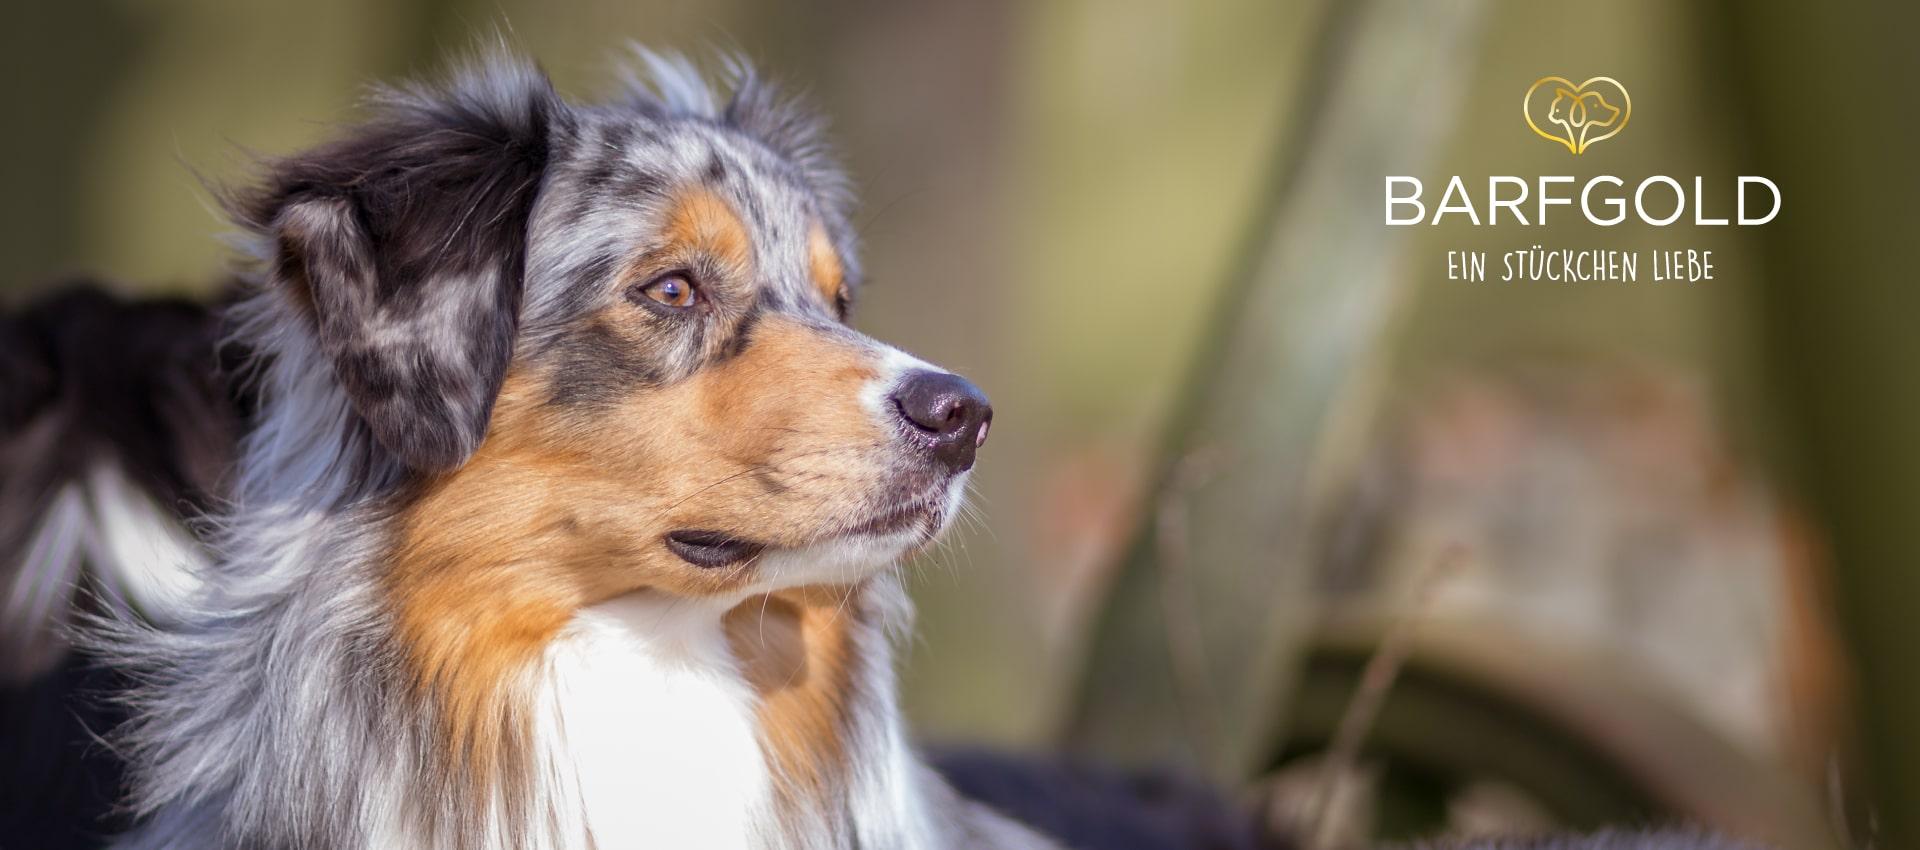 Foto eines Hundes mit BARFGOLD-Logo